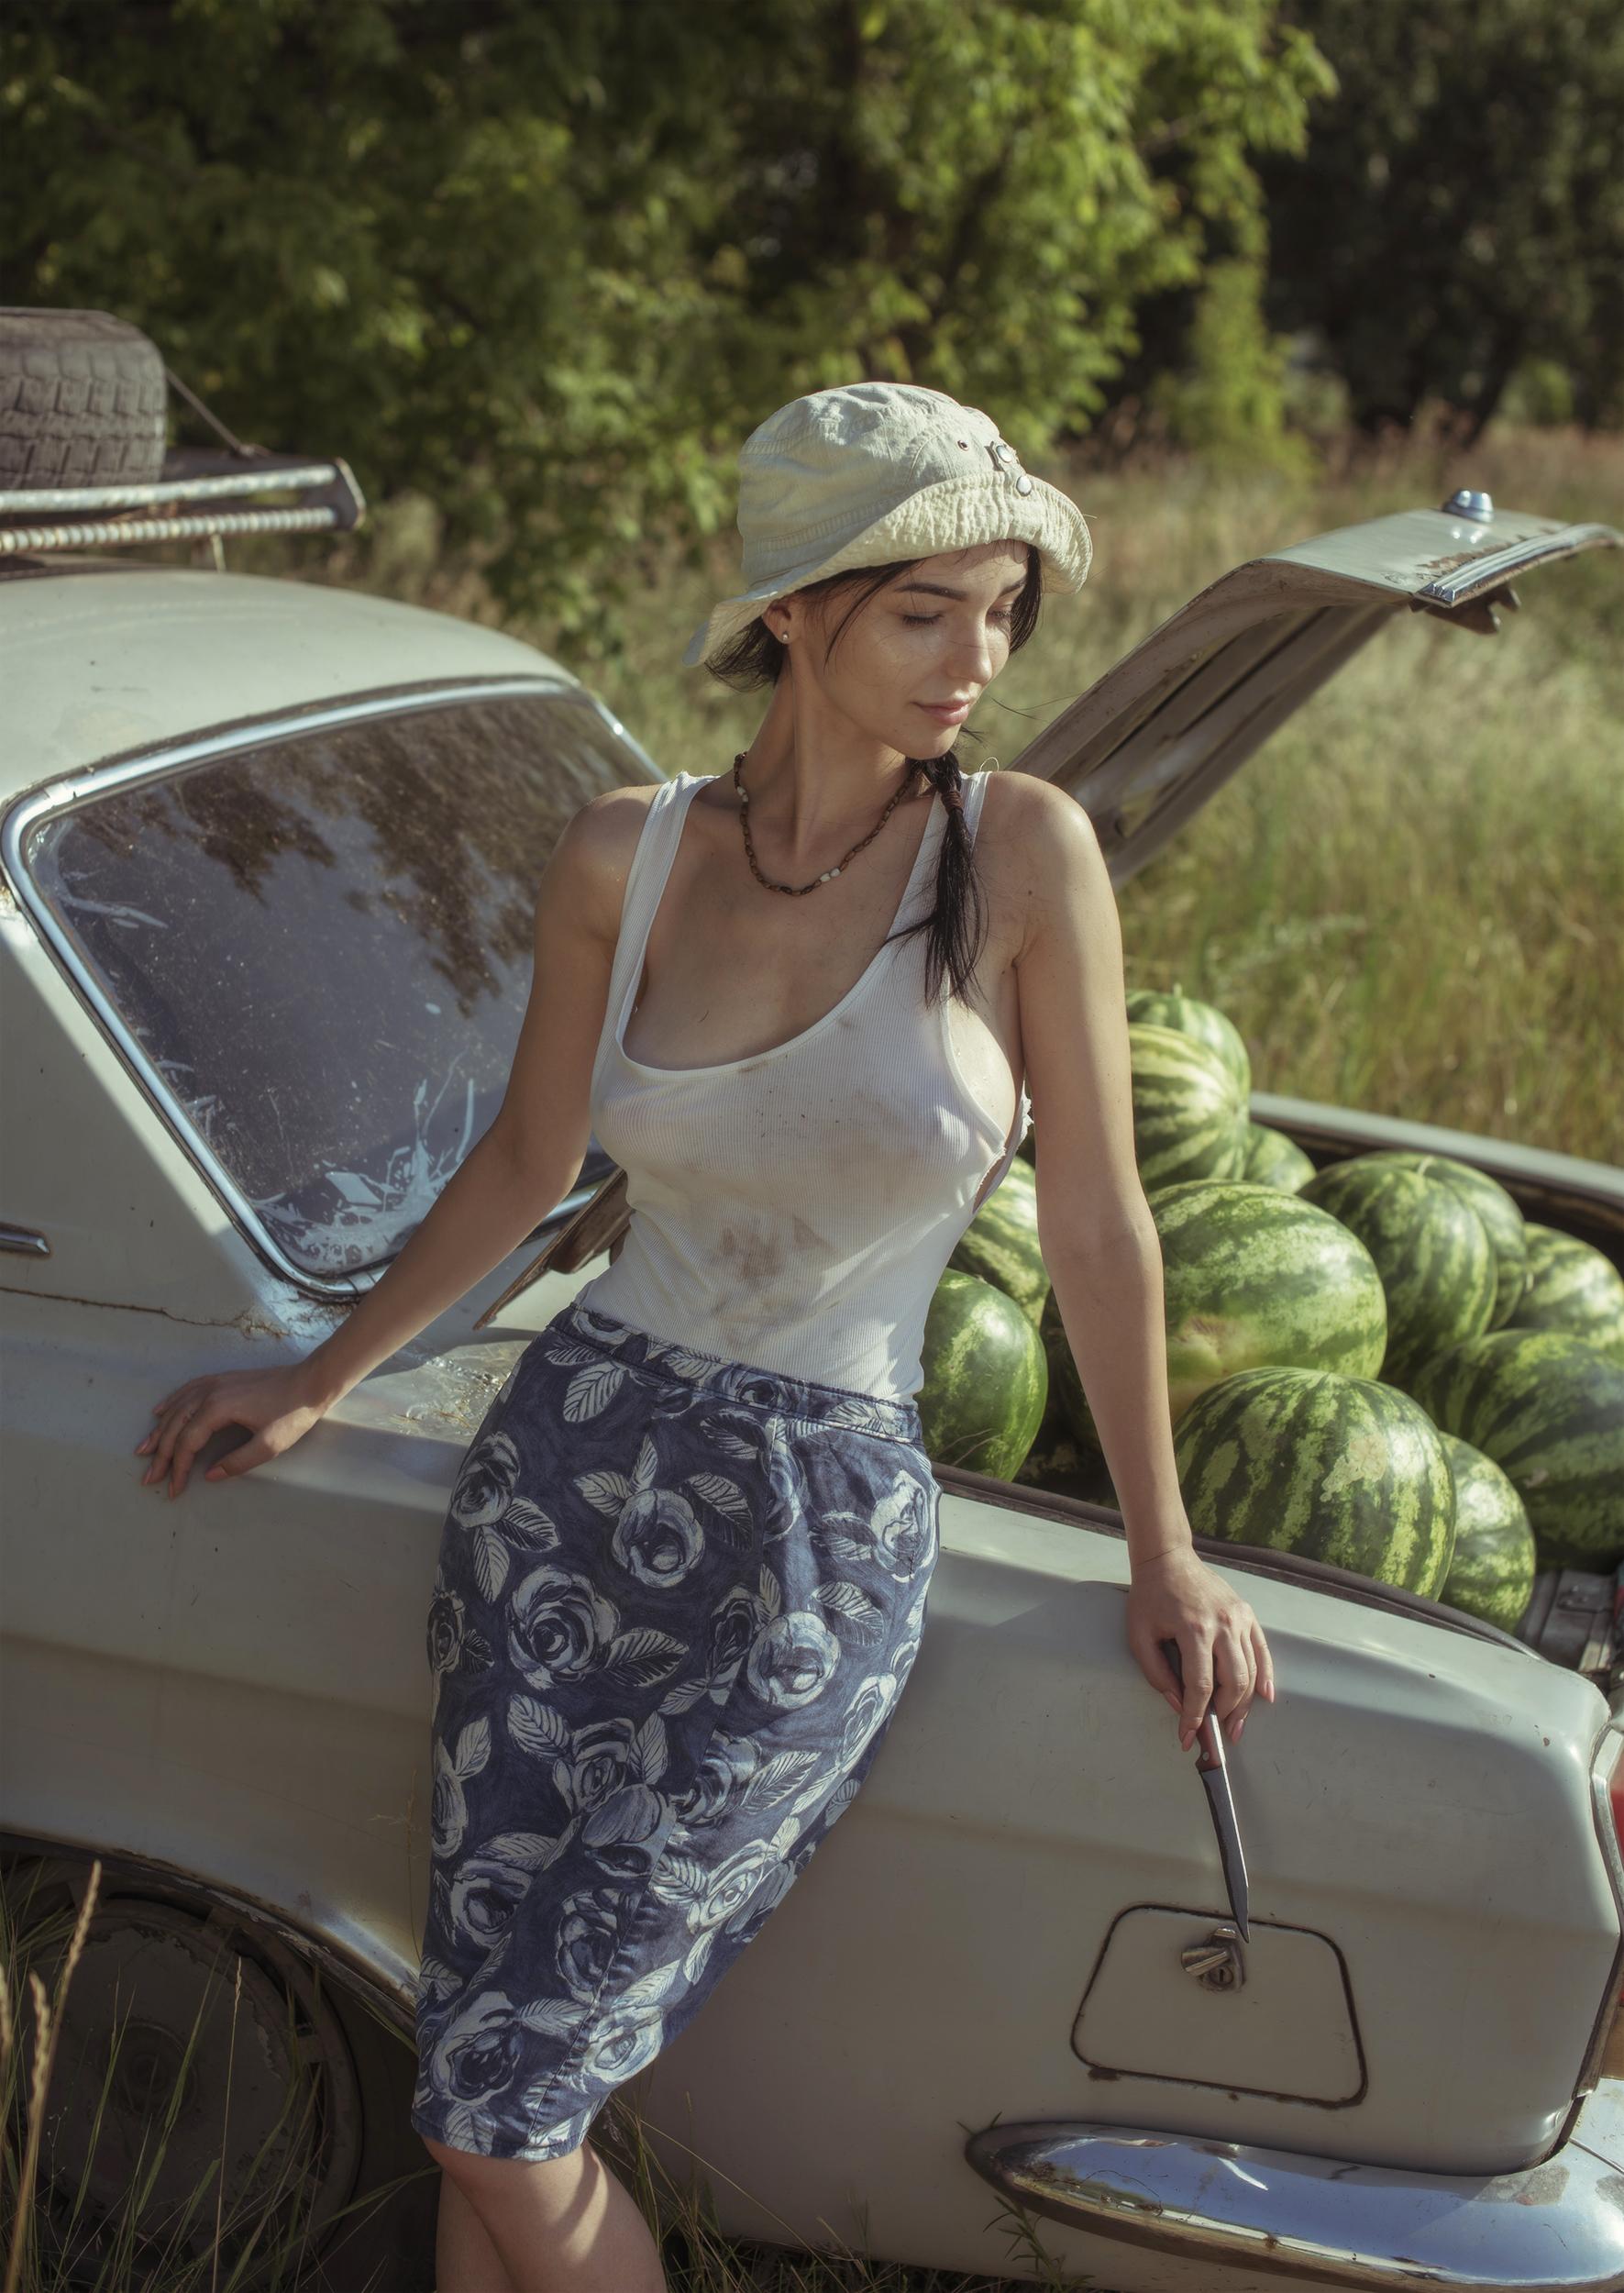 Купите пару арбузиков? / фотограф Давид Дубницкий